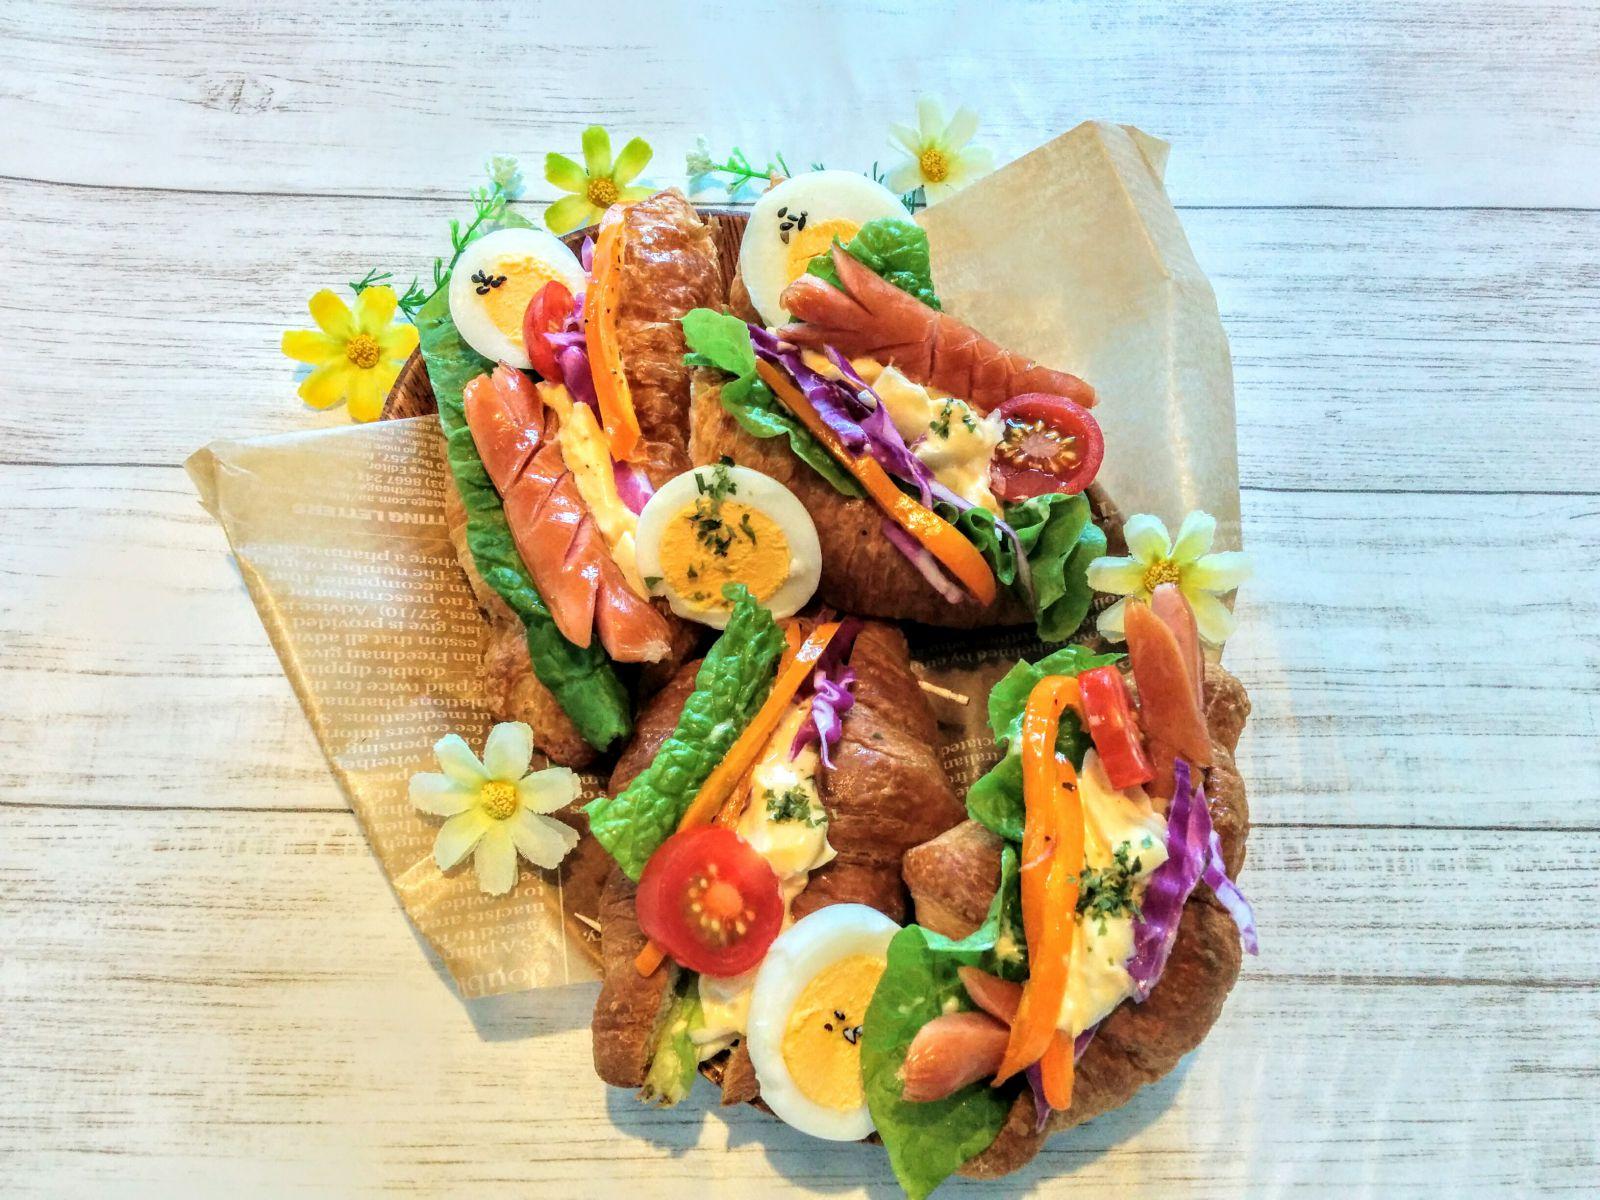 【小樽】娘の今日のお弁当・クロワッサンのタマゴサンド弁当グルメ案内です。